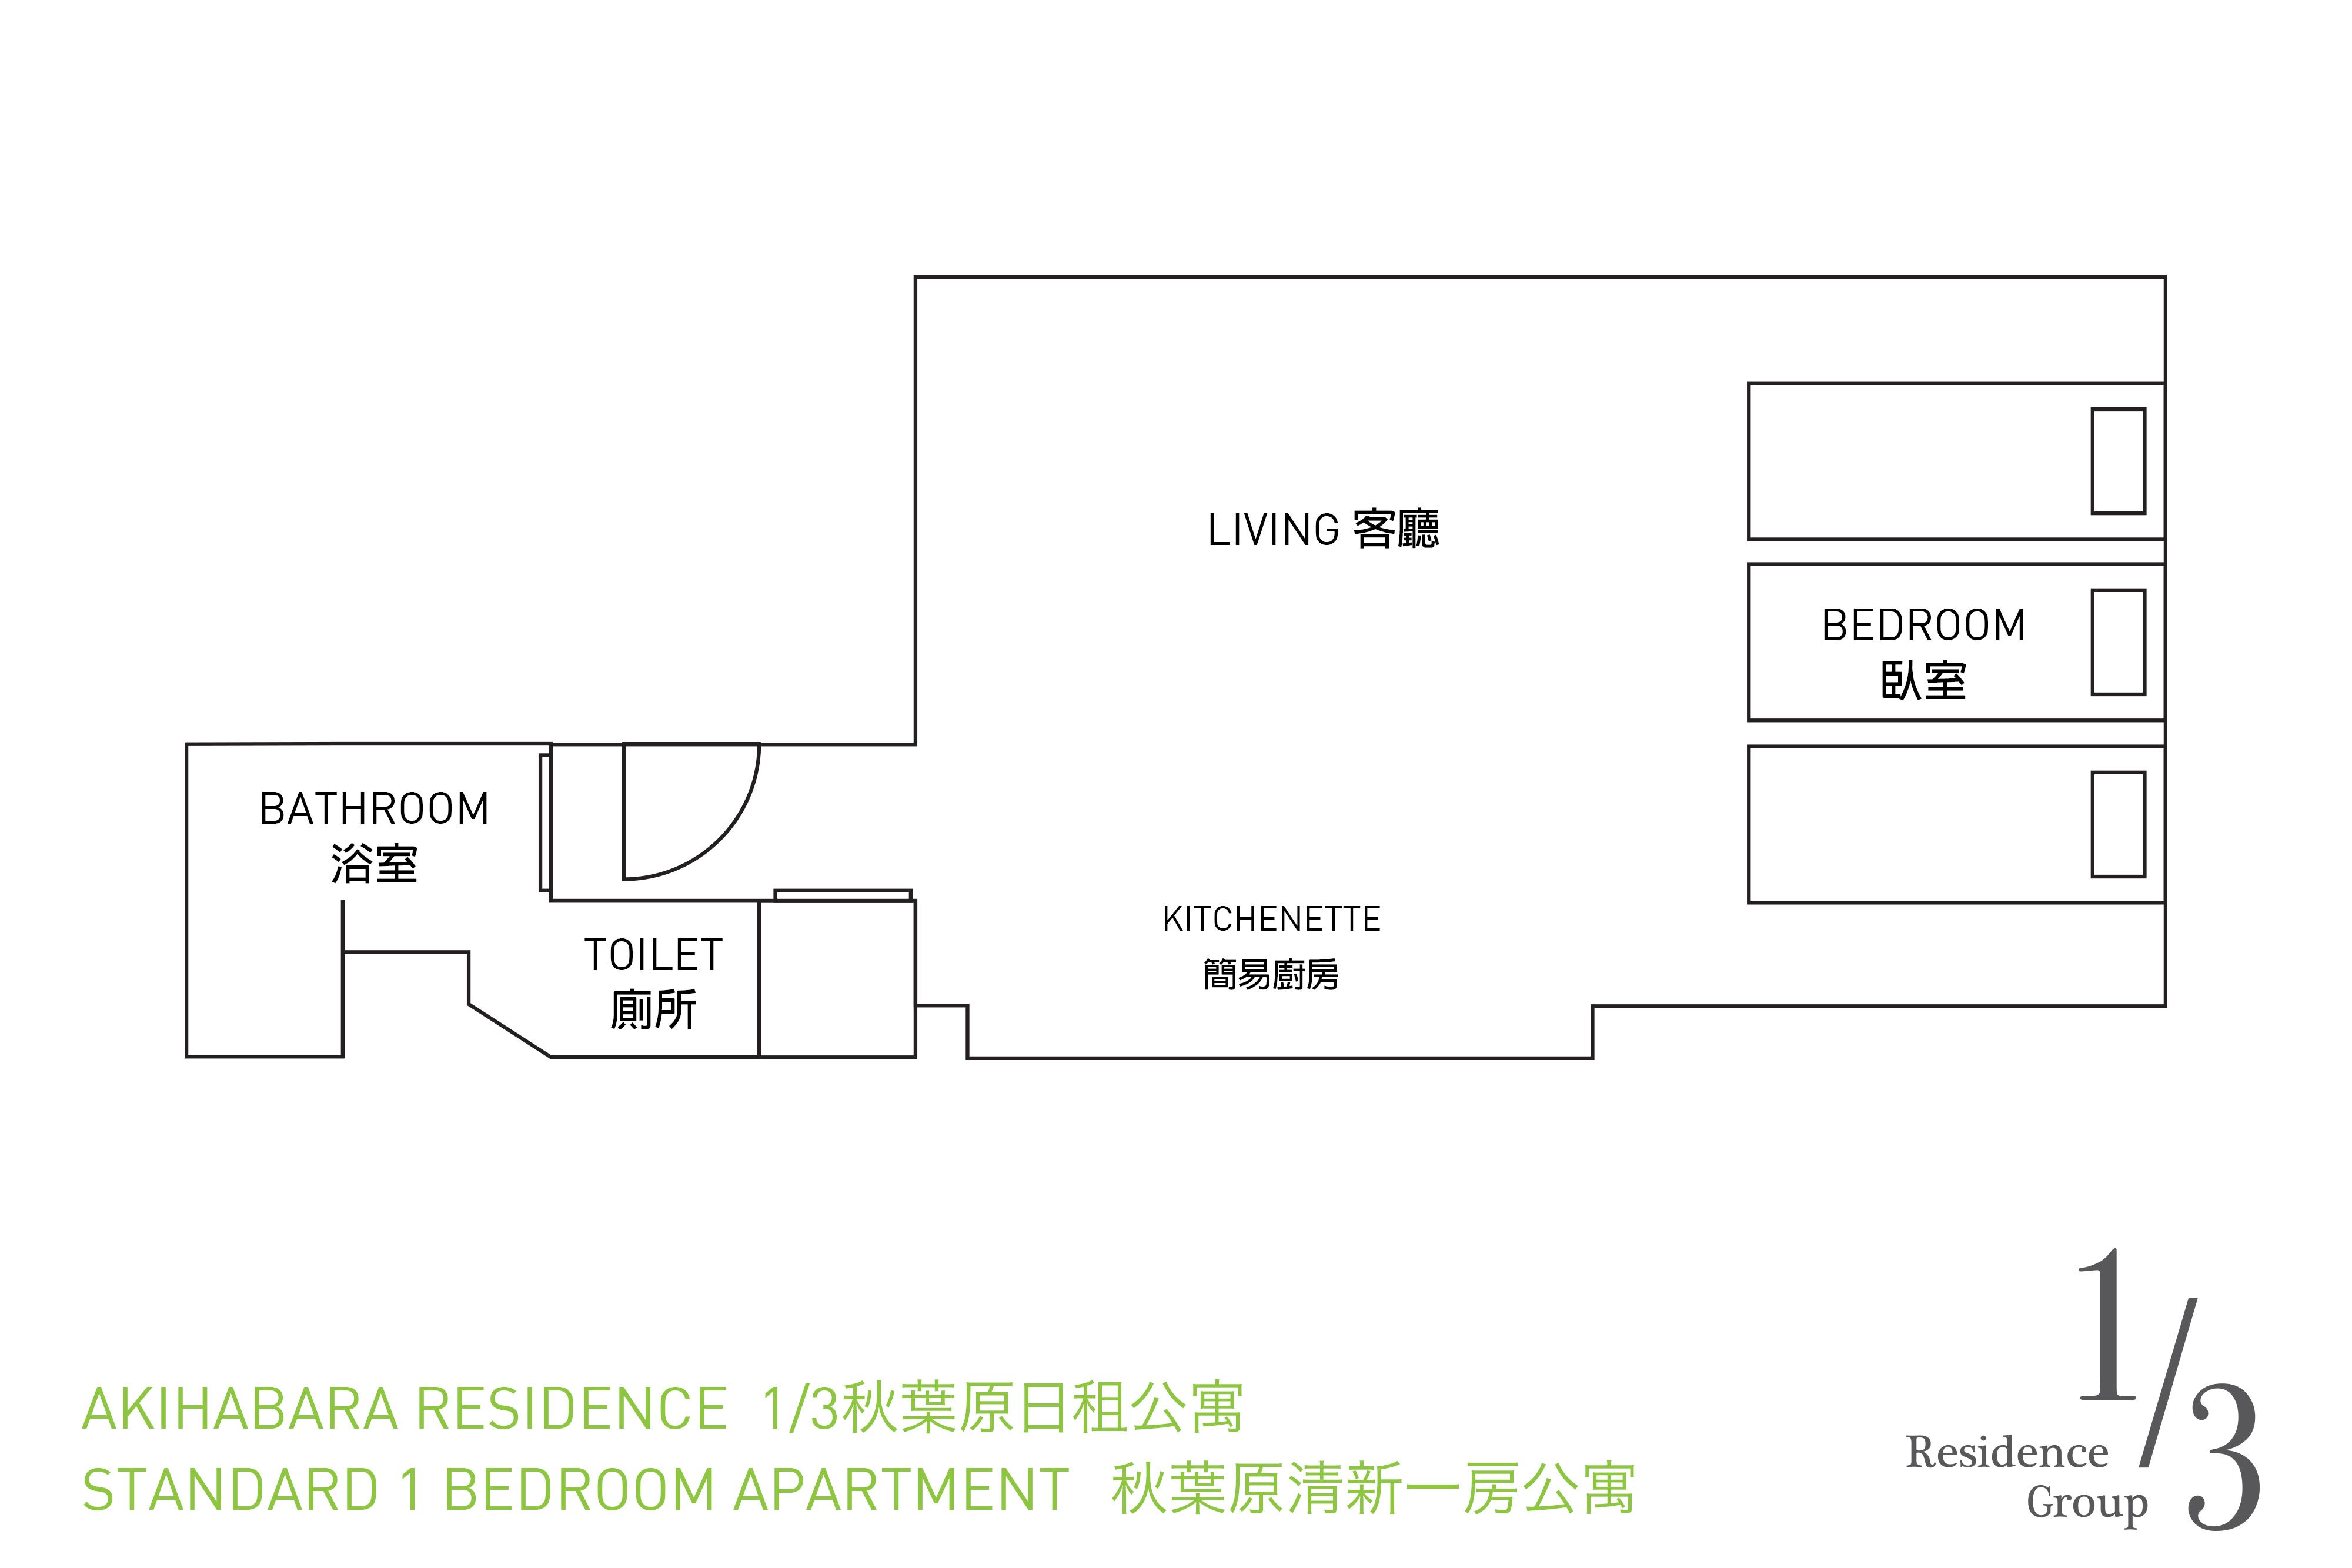 Standard 1 Bedroom Akihabara